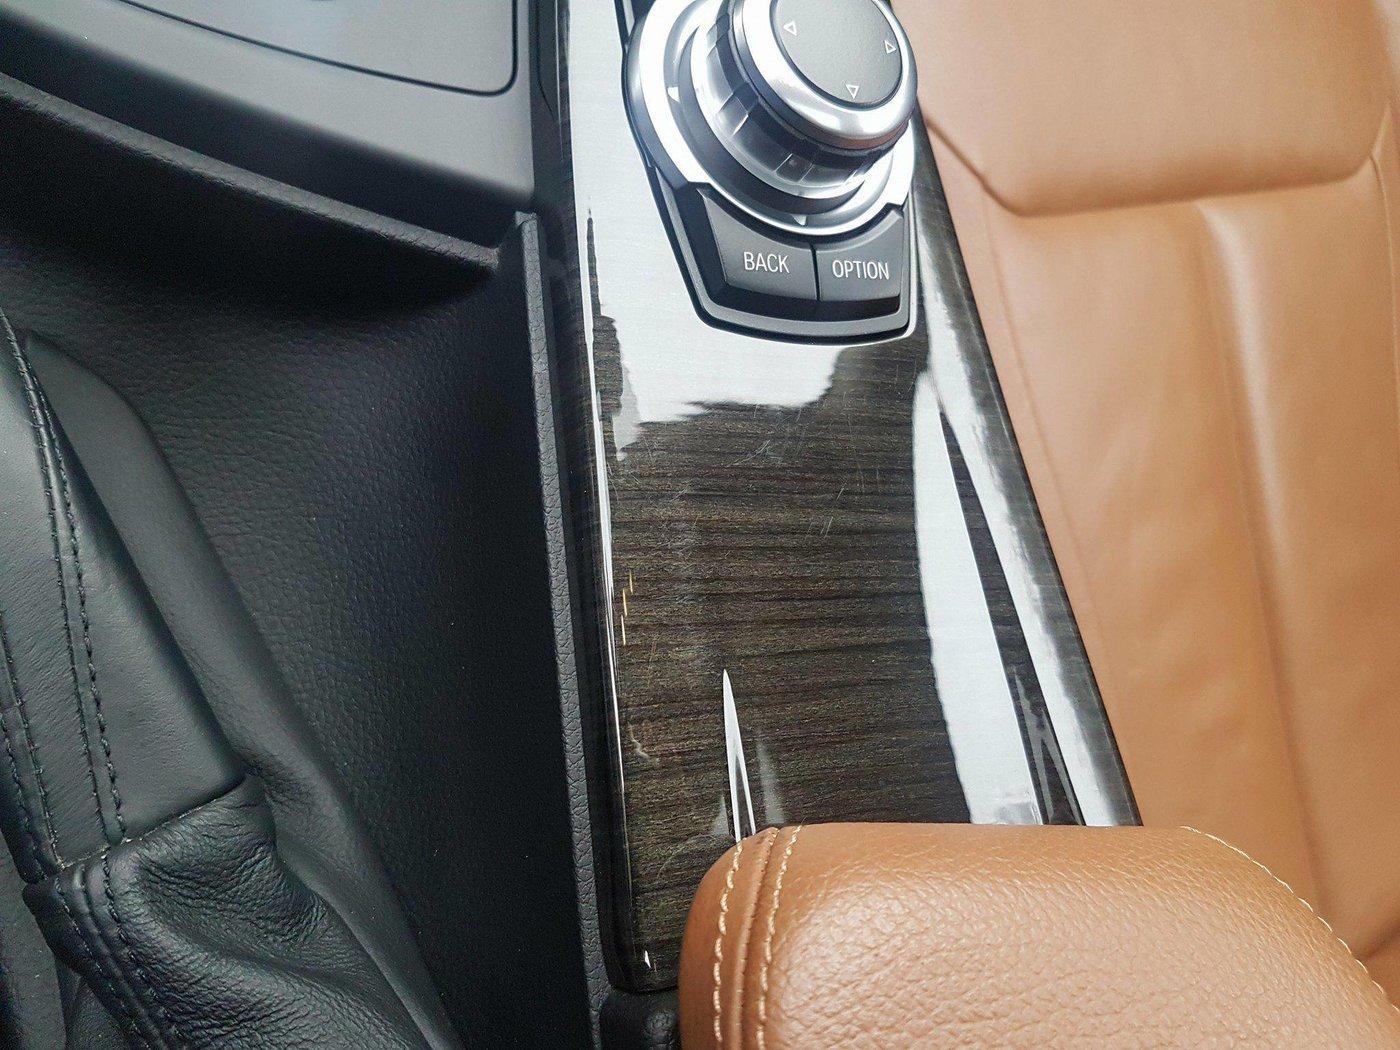 lichte) krassen interieur trim | Carclean.com Forum